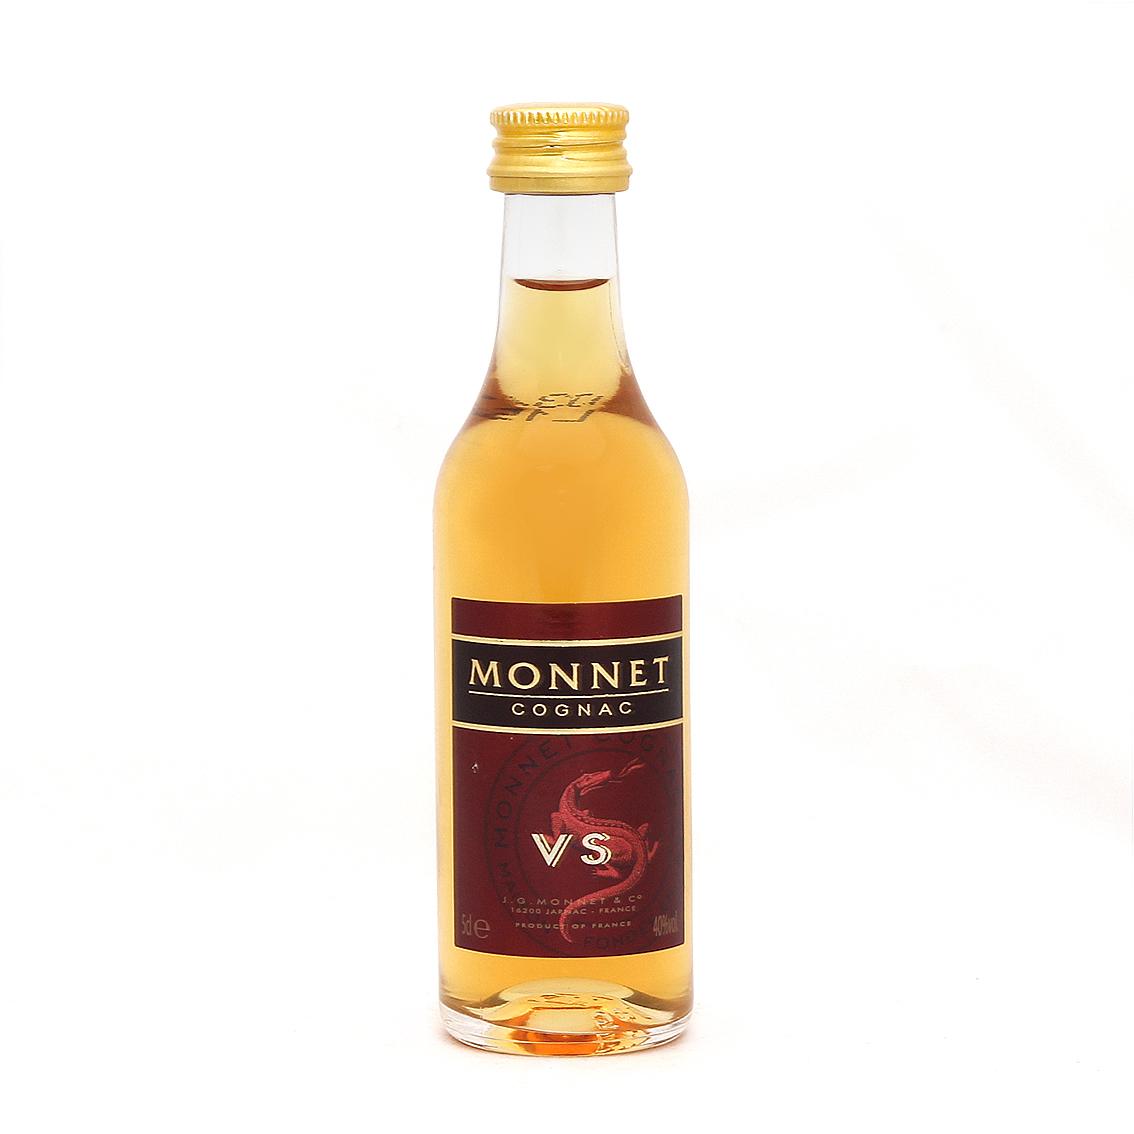 COGNAC-MONNET-VS-2